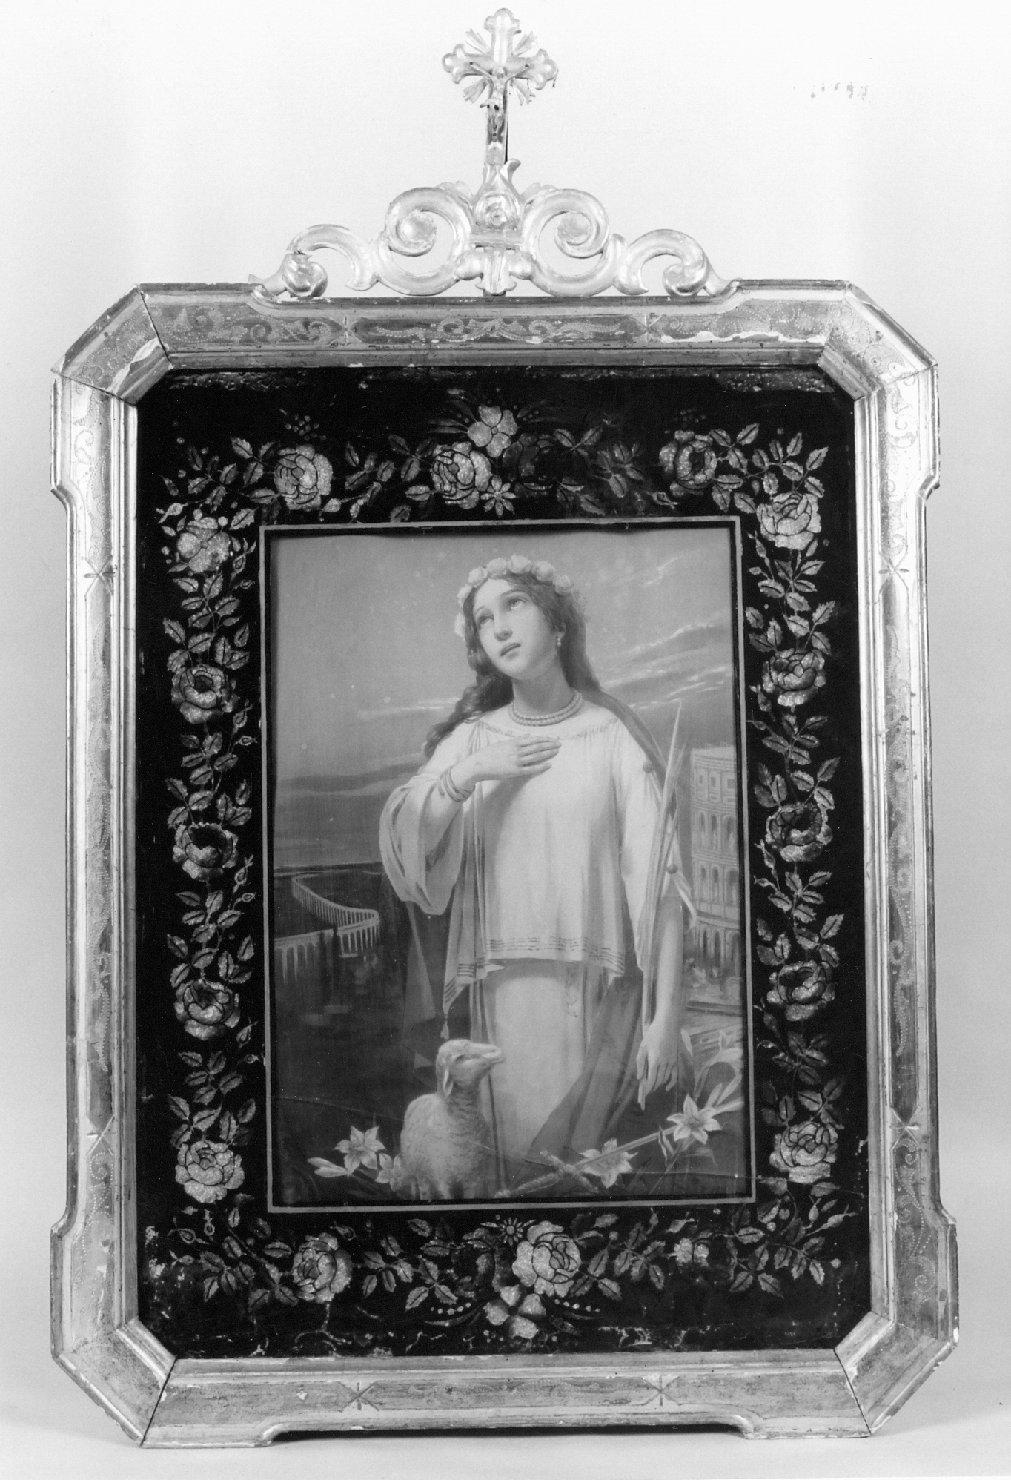 quadro d'altare - manifattura emiliana (metà sec. XIX)